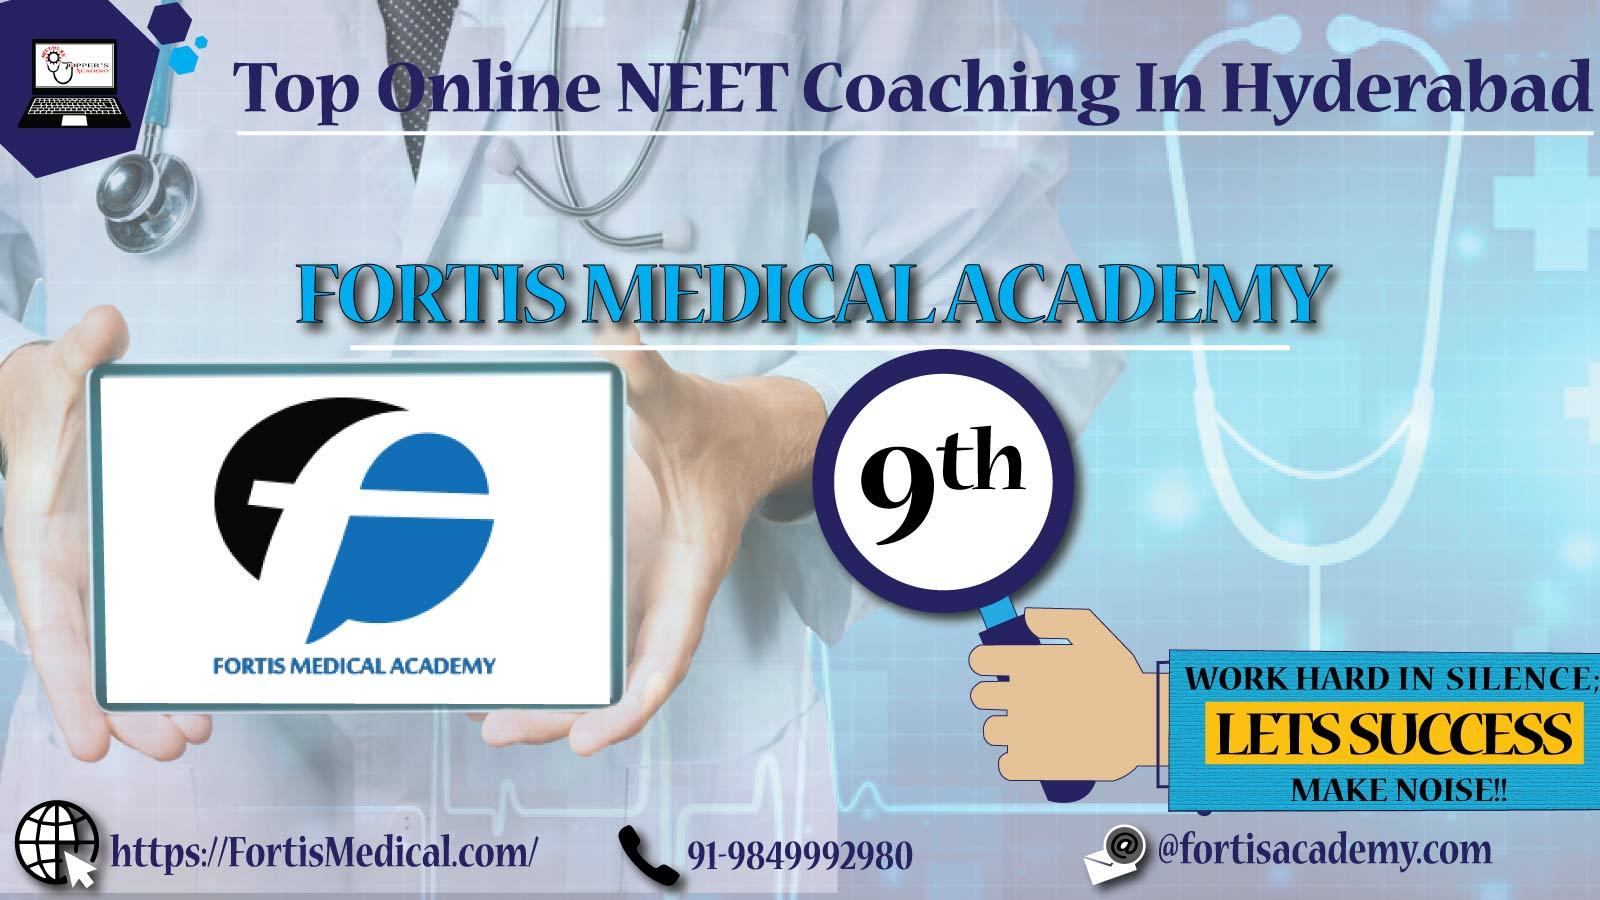 Best Online NEET Coaching In Hyderabad